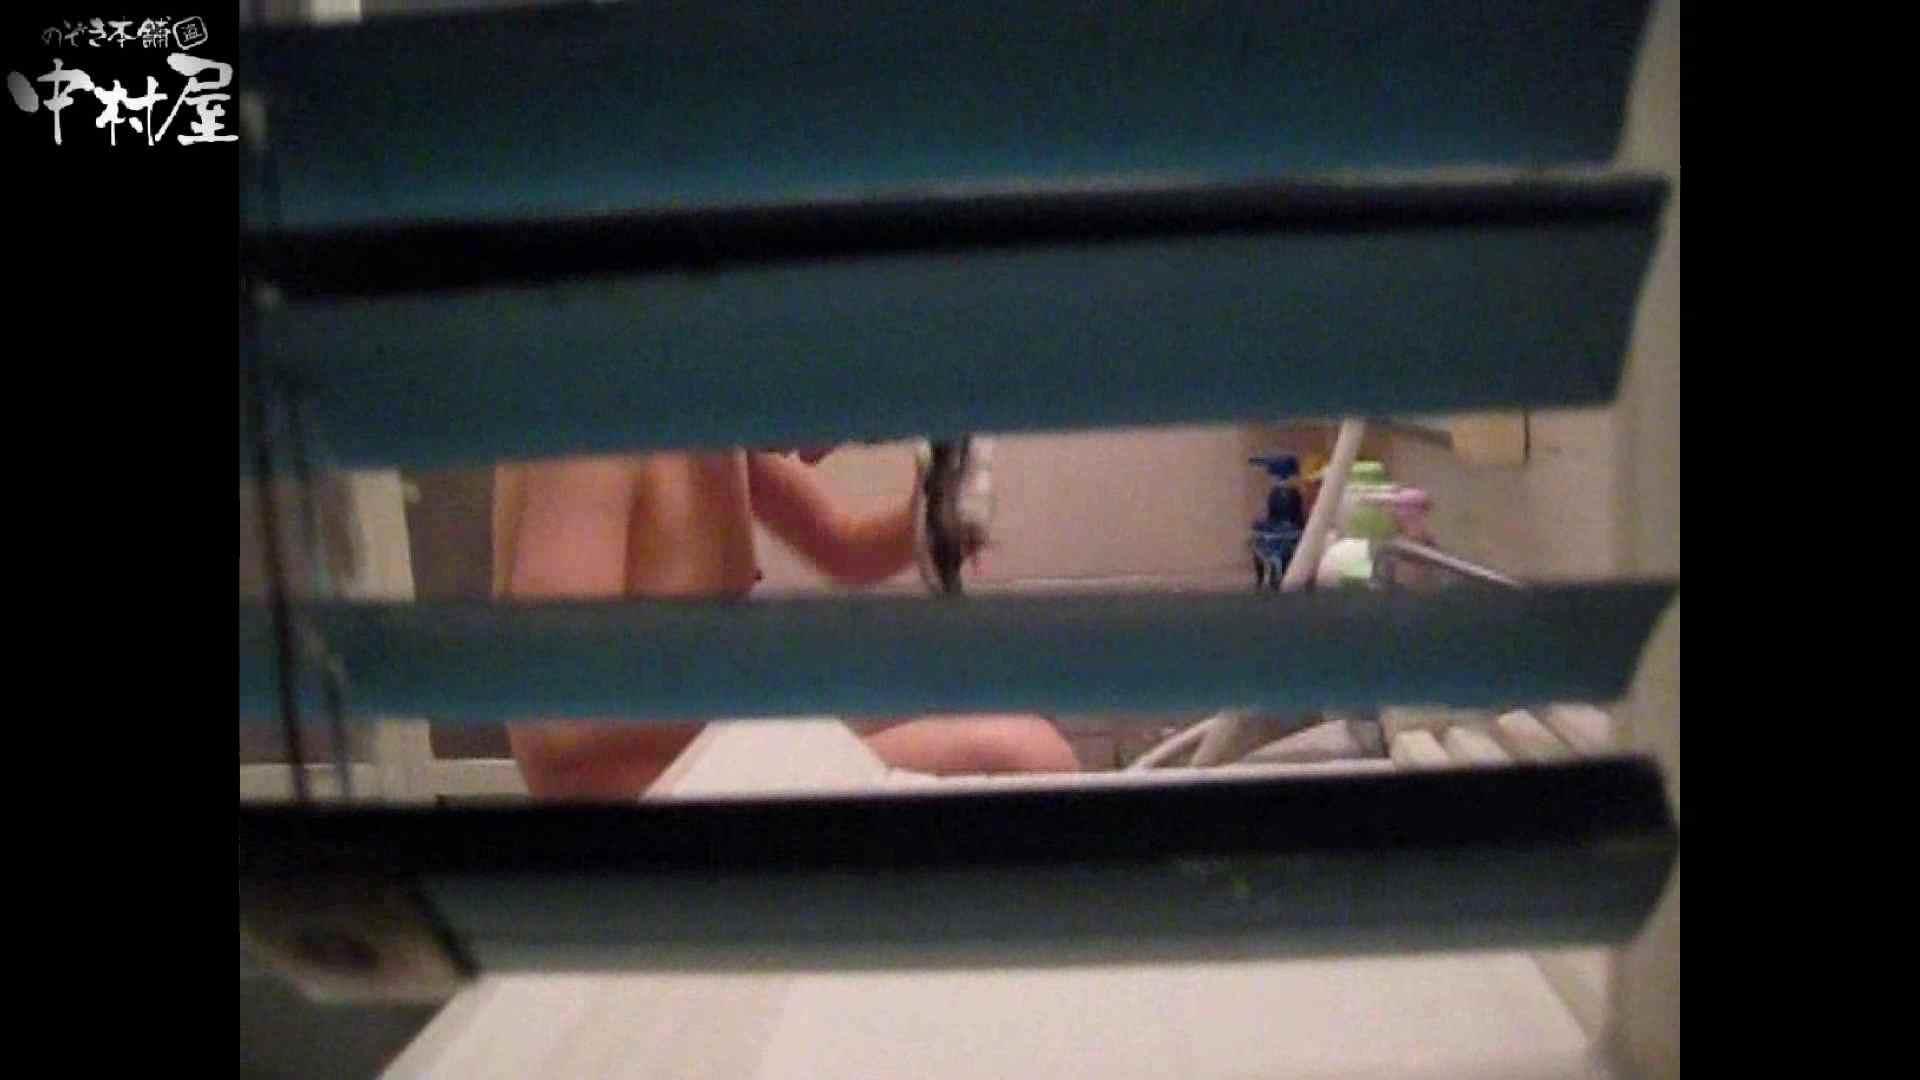 民家風呂専門盗撮師の超危険映像 vol.022 美女エロ画像 おめこ無修正動画無料 54PICs 21